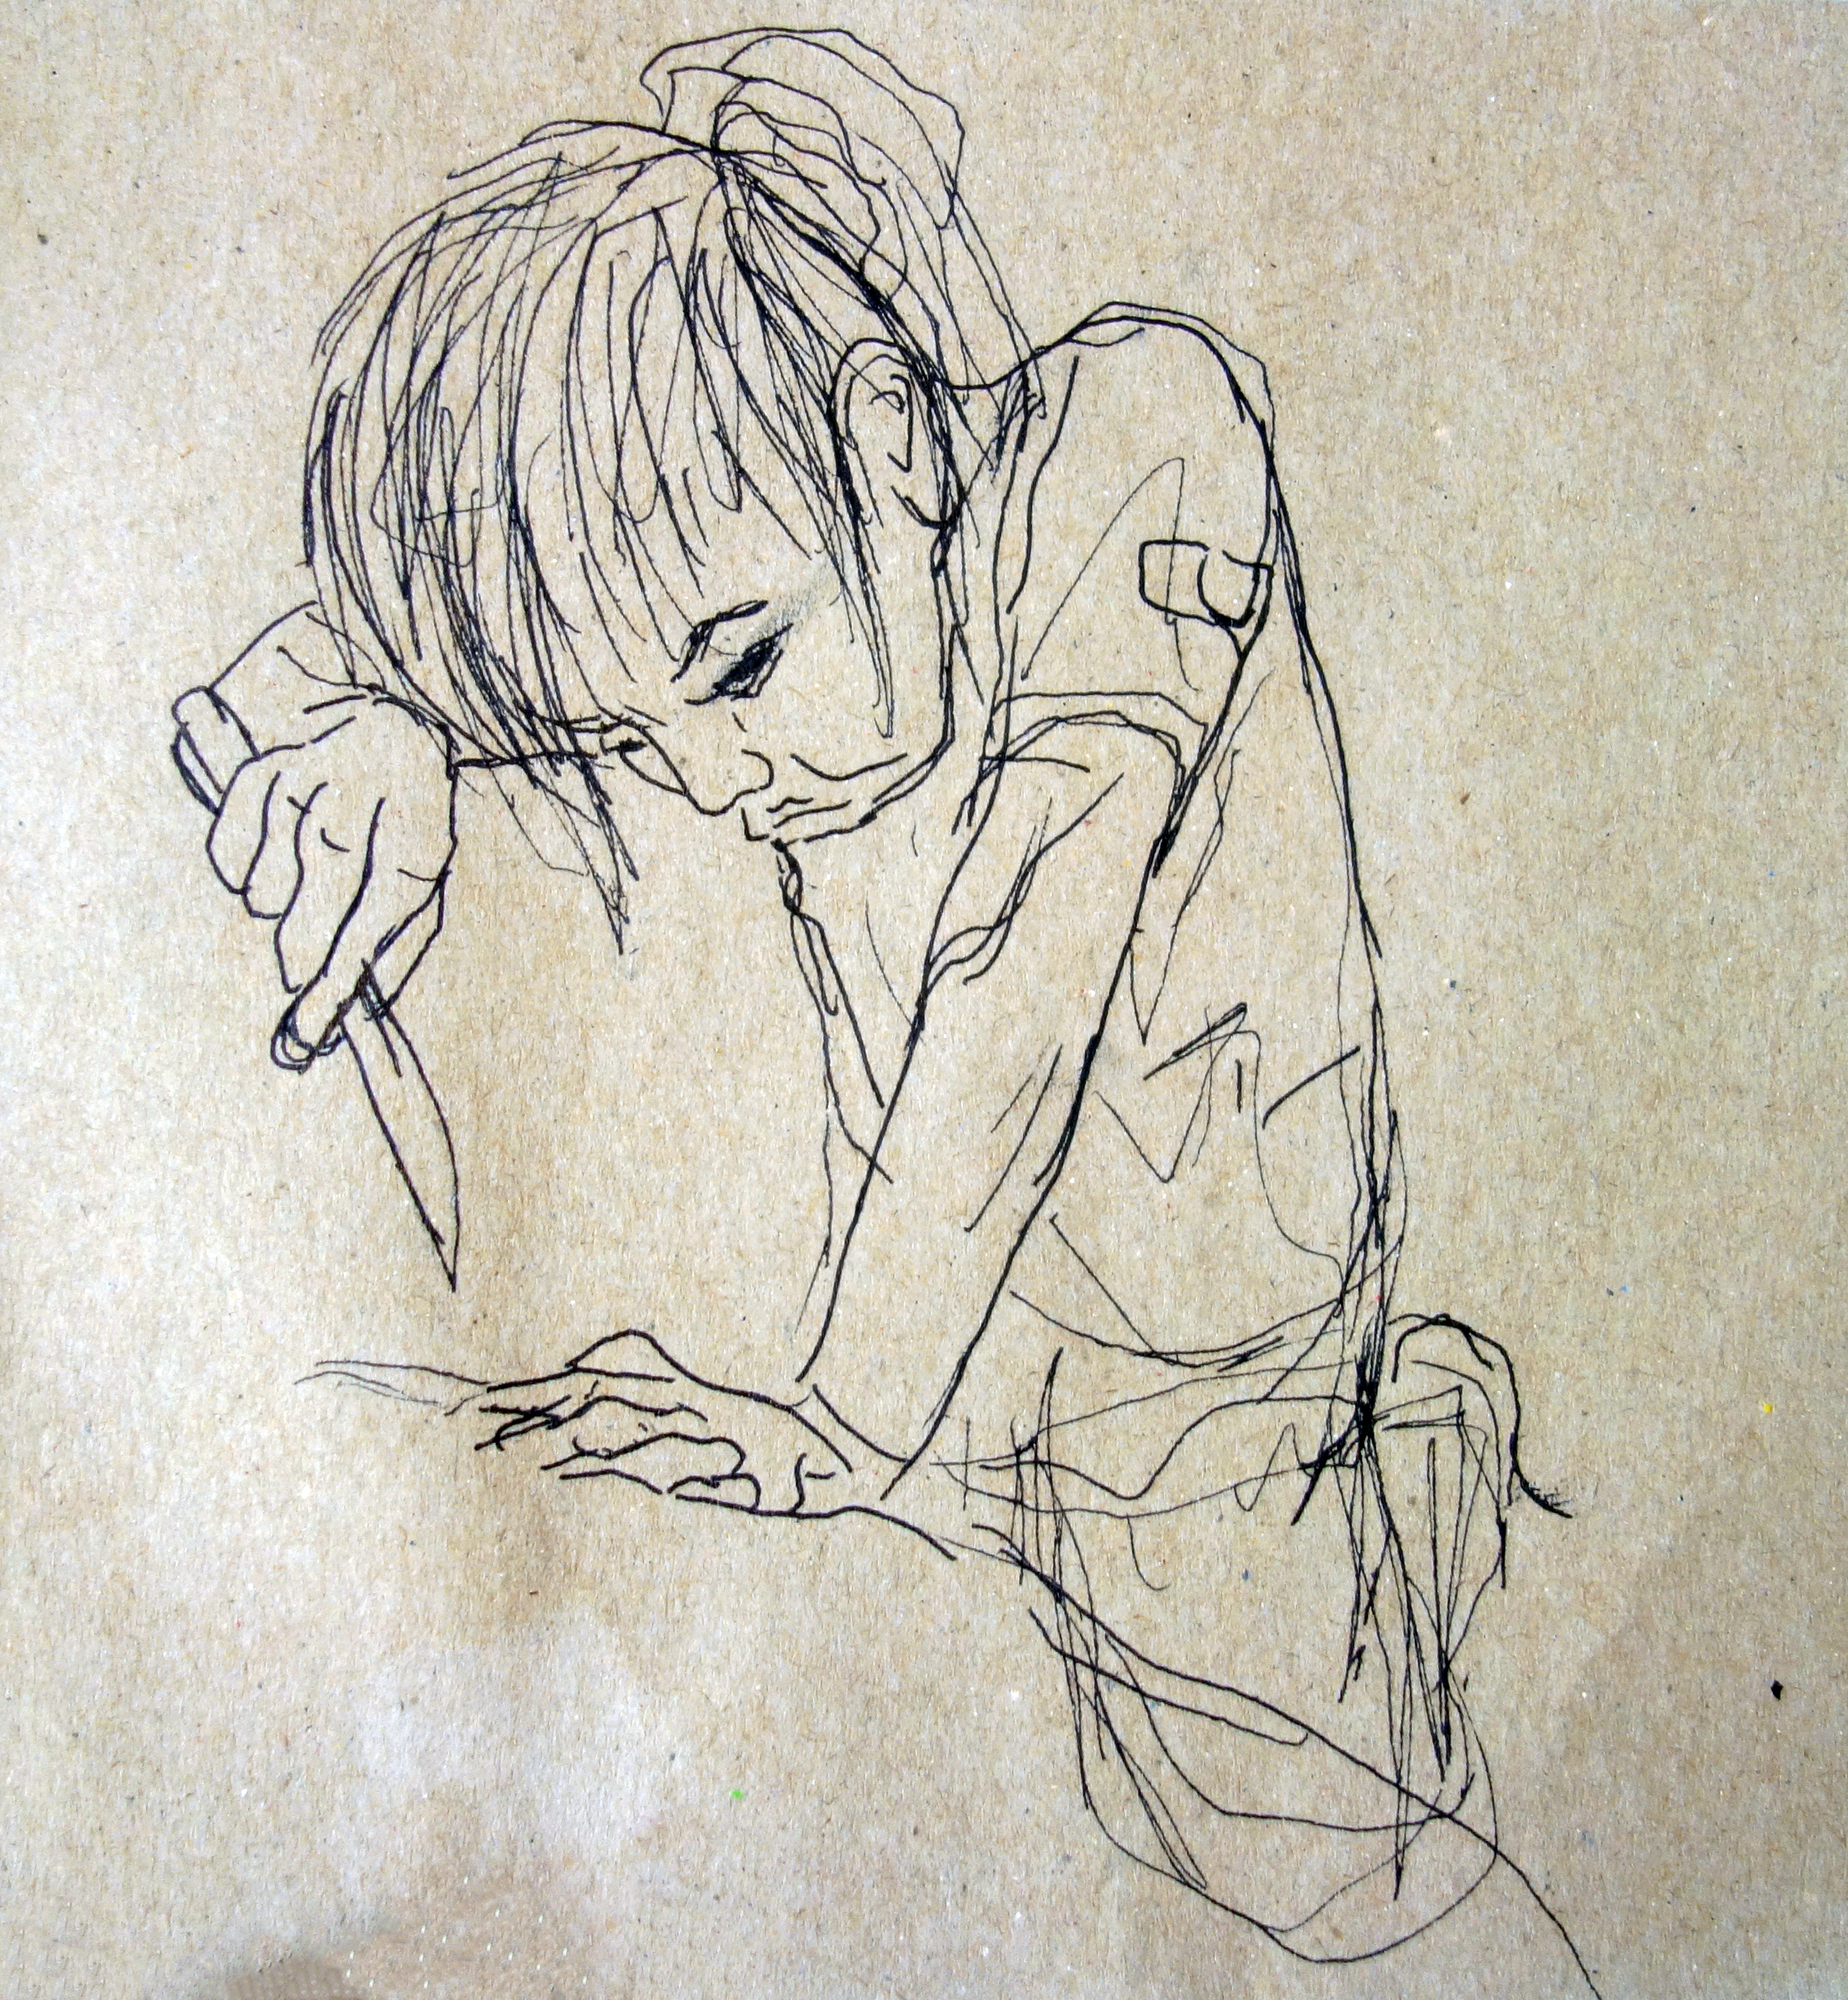 Pro pravdu - sketch